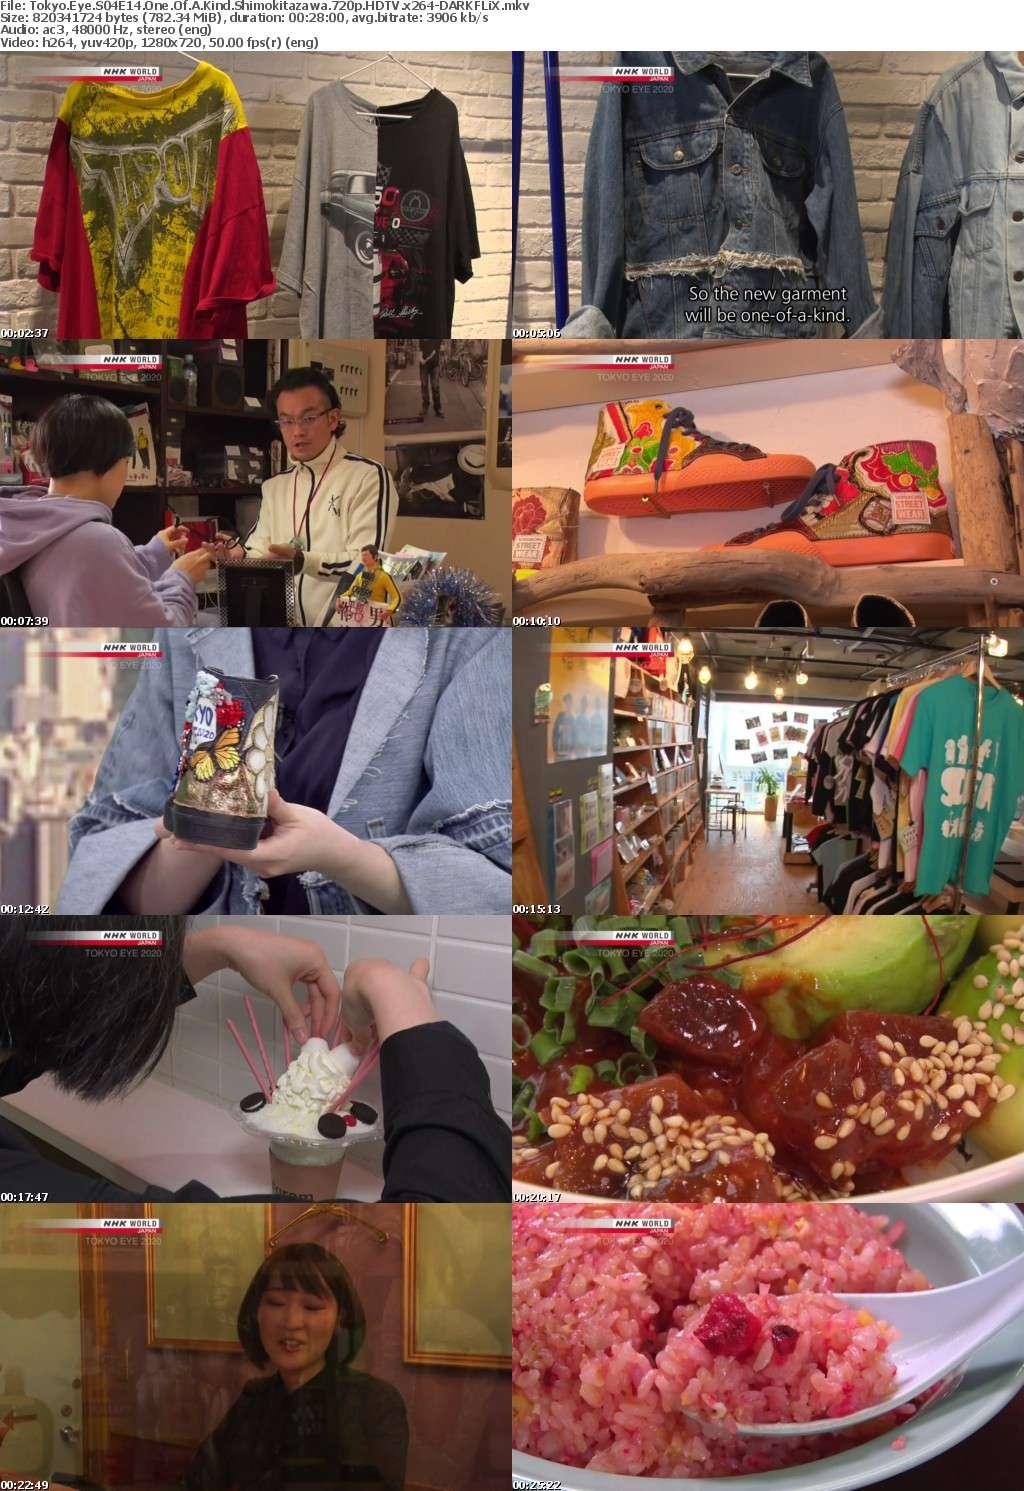 Tokyo Eye S04E14 One Of A Kind Shimokitazawa 720p HDTV x264-DARKFLiX